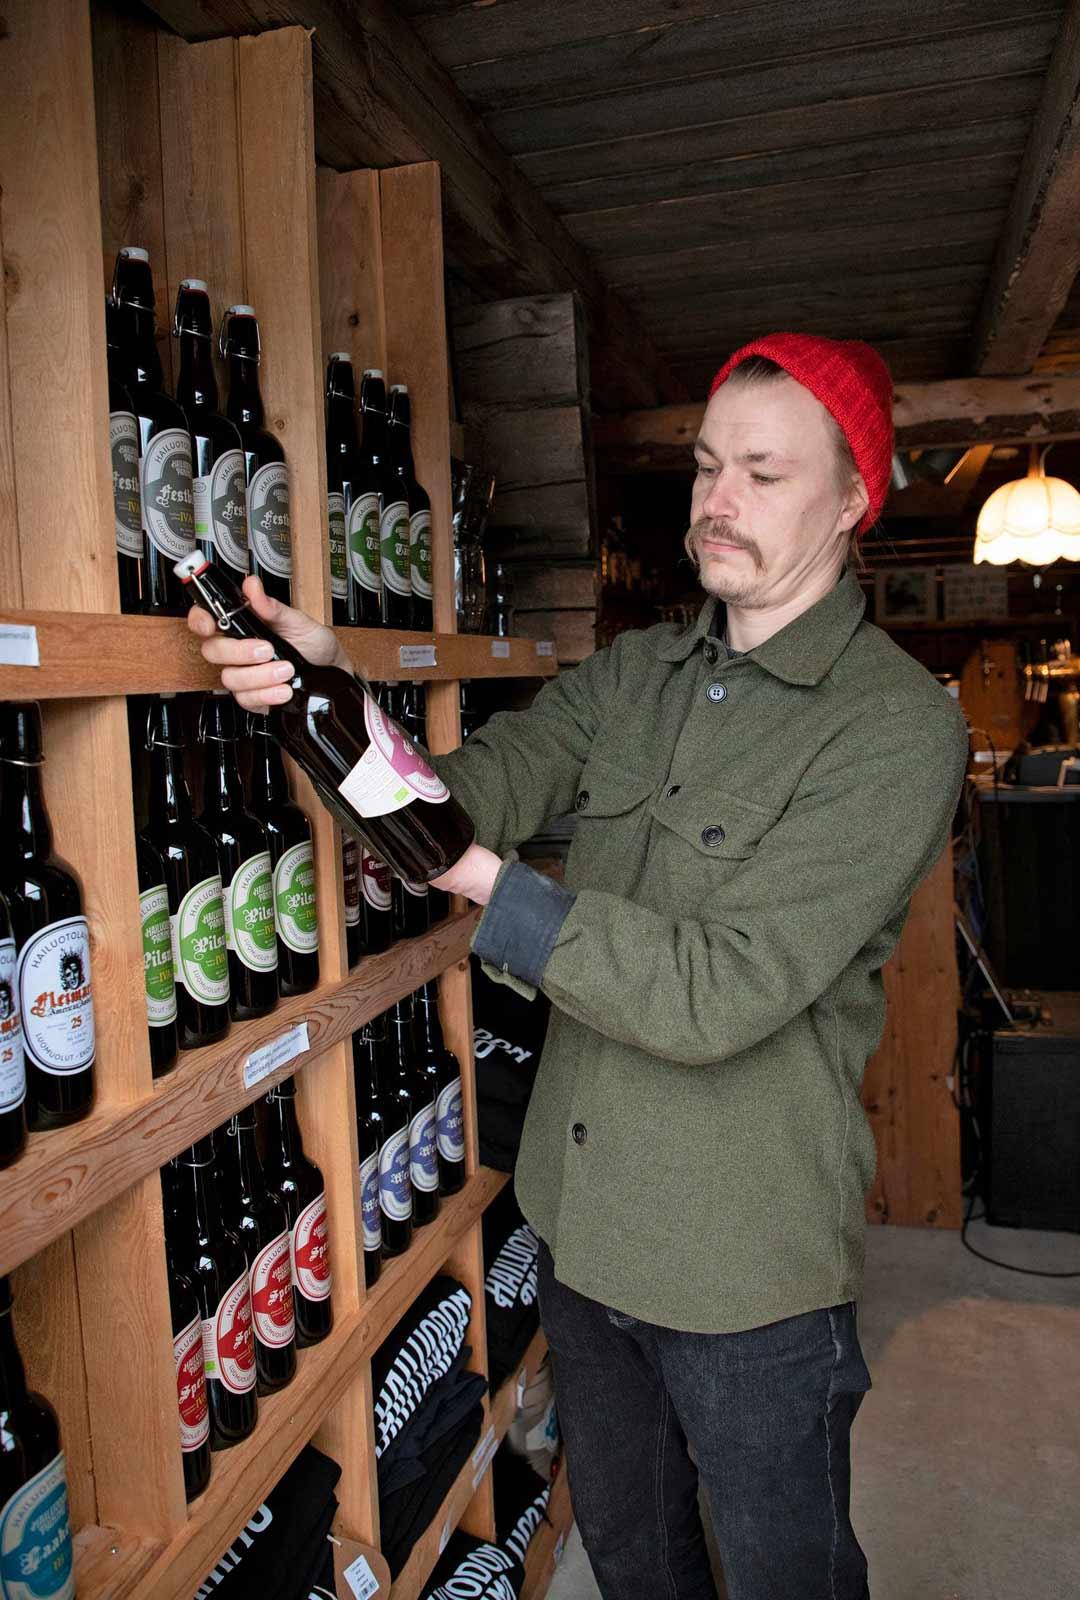 """Hailuodon Panimon ensimmäinen olut Laakeri on yhä yksi panimon myydyimmistä tuotteista. Kuvassa Kaukonen pitelee Gosea, hapanta vehnäolutta, jota on maustettu korianterinsiemenillä ja merisuolalla.""""Tällä hetkellä eniten menee Spezialia, siinä on reilummin mallasta ja humalaa"""", Kaukonen kertoo."""